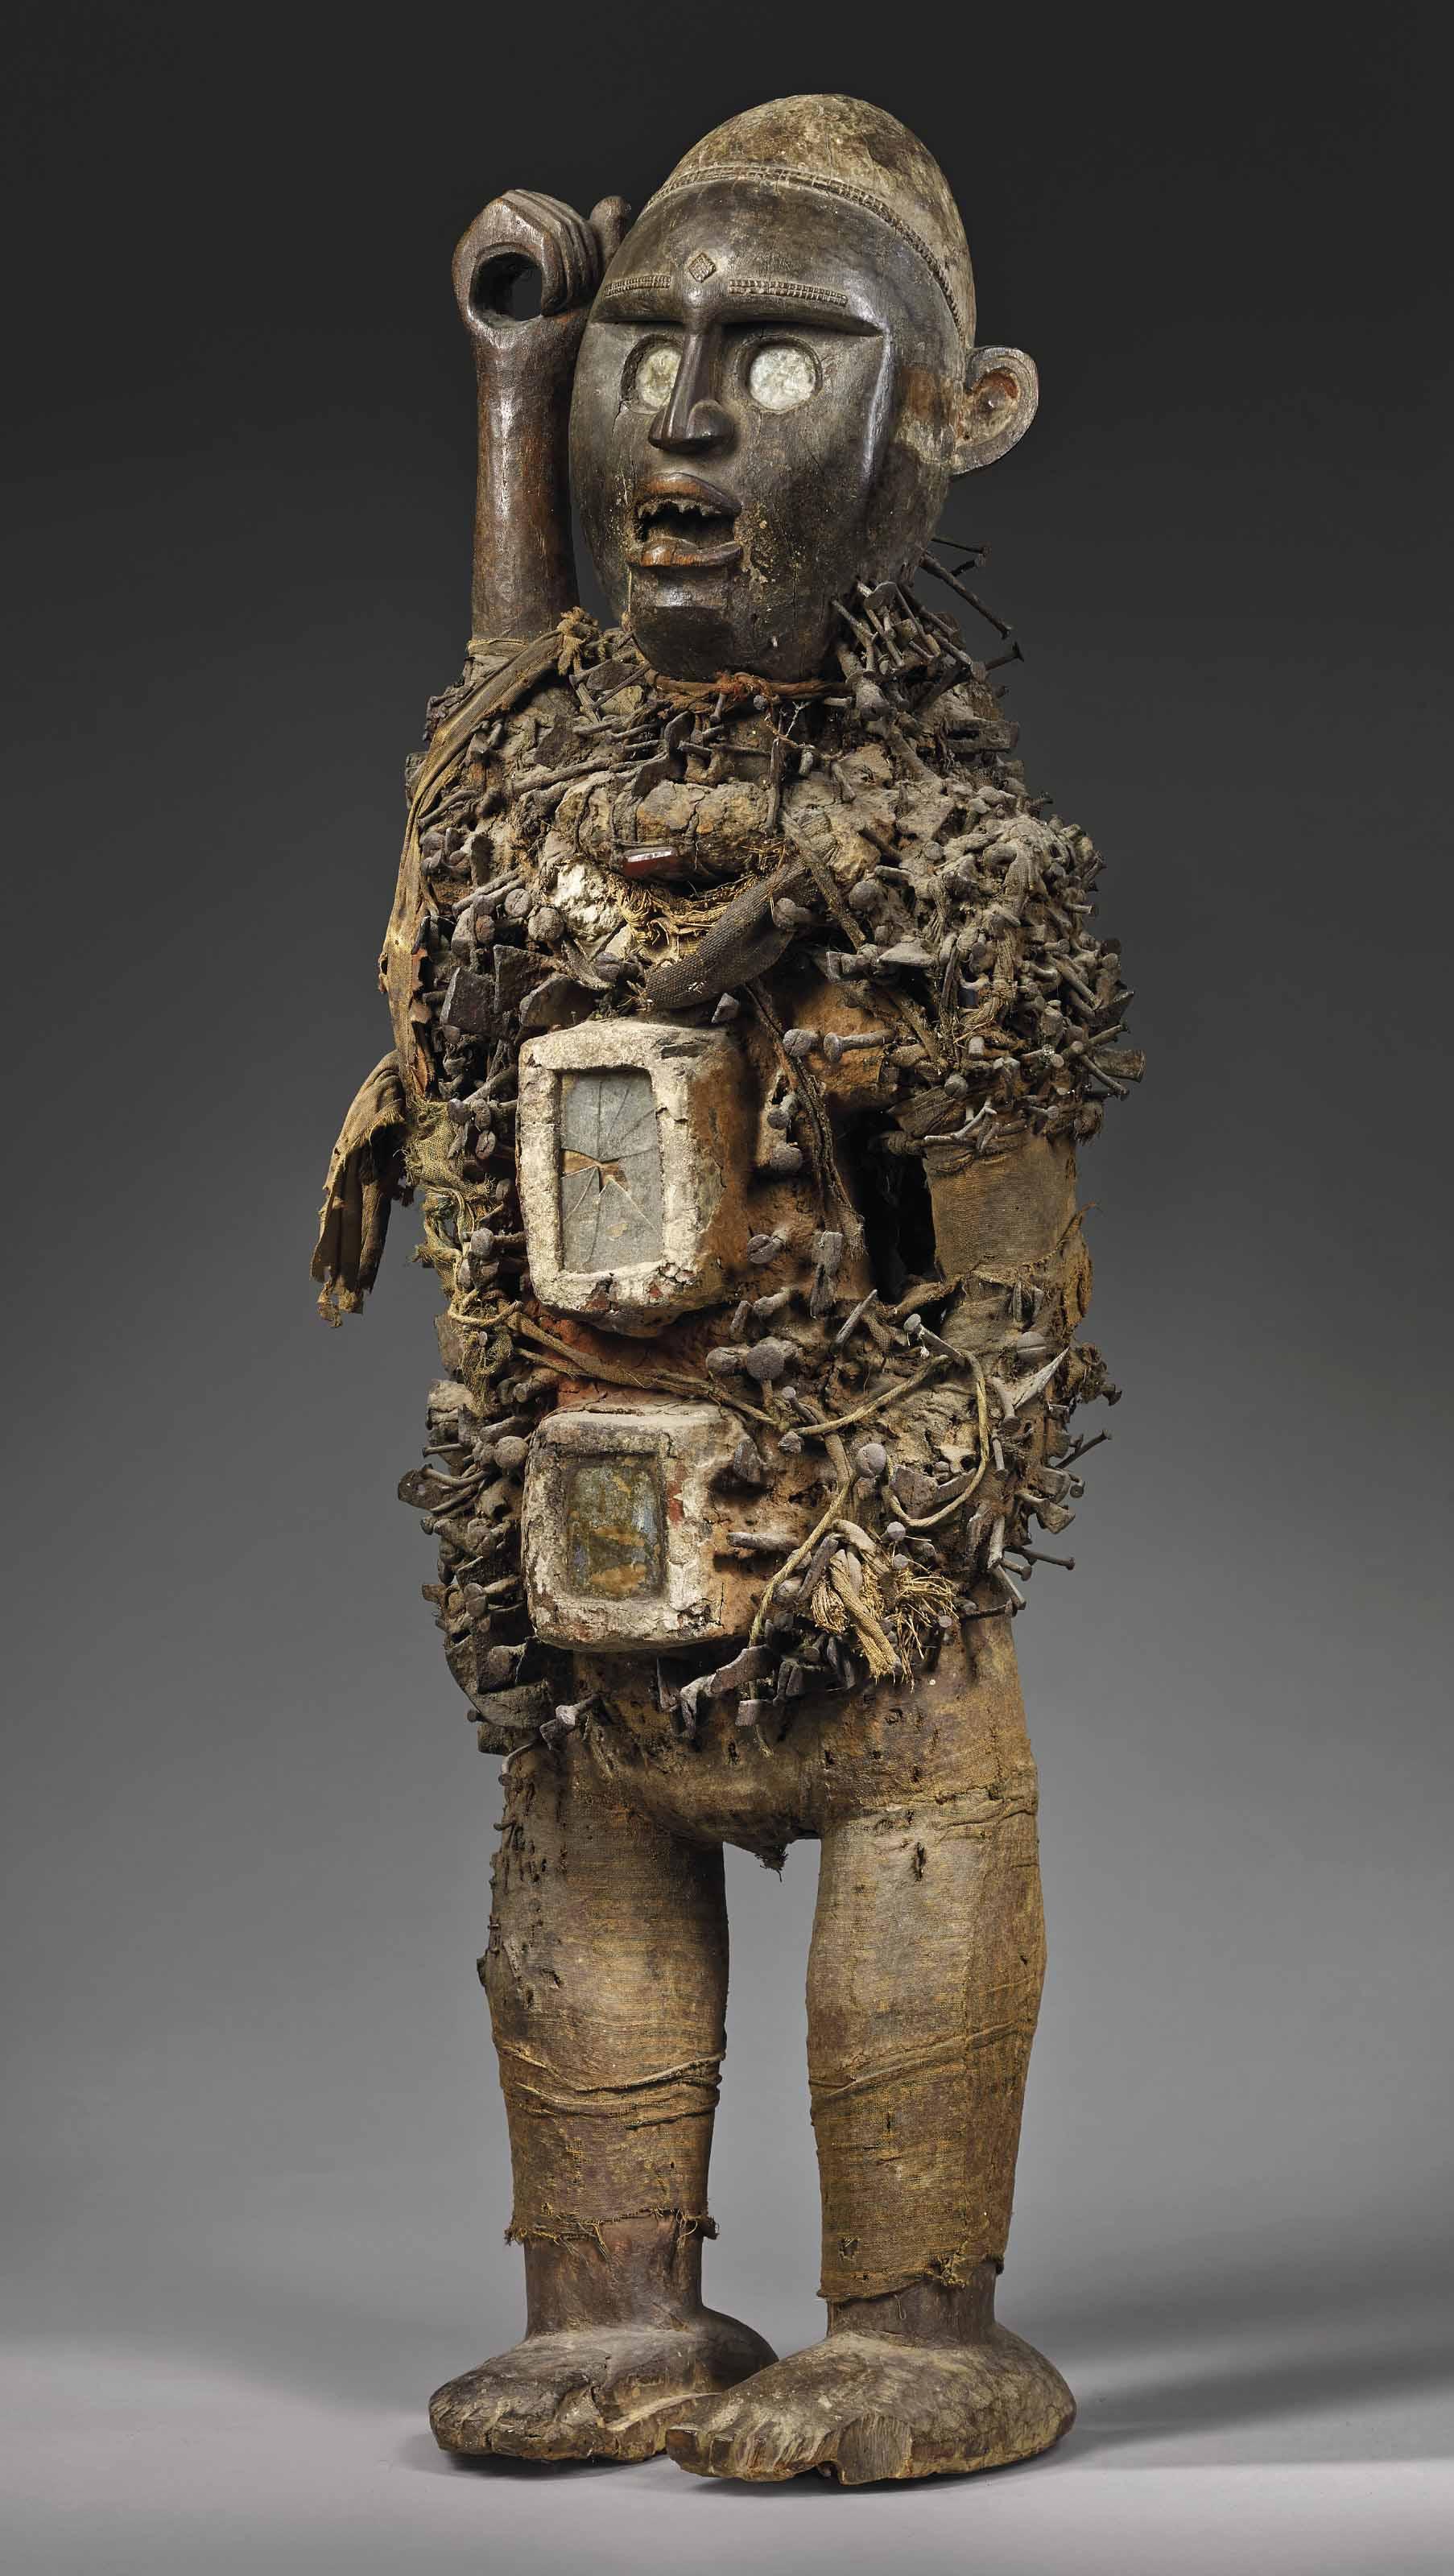 刚果永比族雕像,《刚果能量钉像》,能量像,刚果民主共和国。高 95 公分(37 12 英寸)。此拍品于2018年6月27日在佳士得巴黎售出,成交价727,500欧元